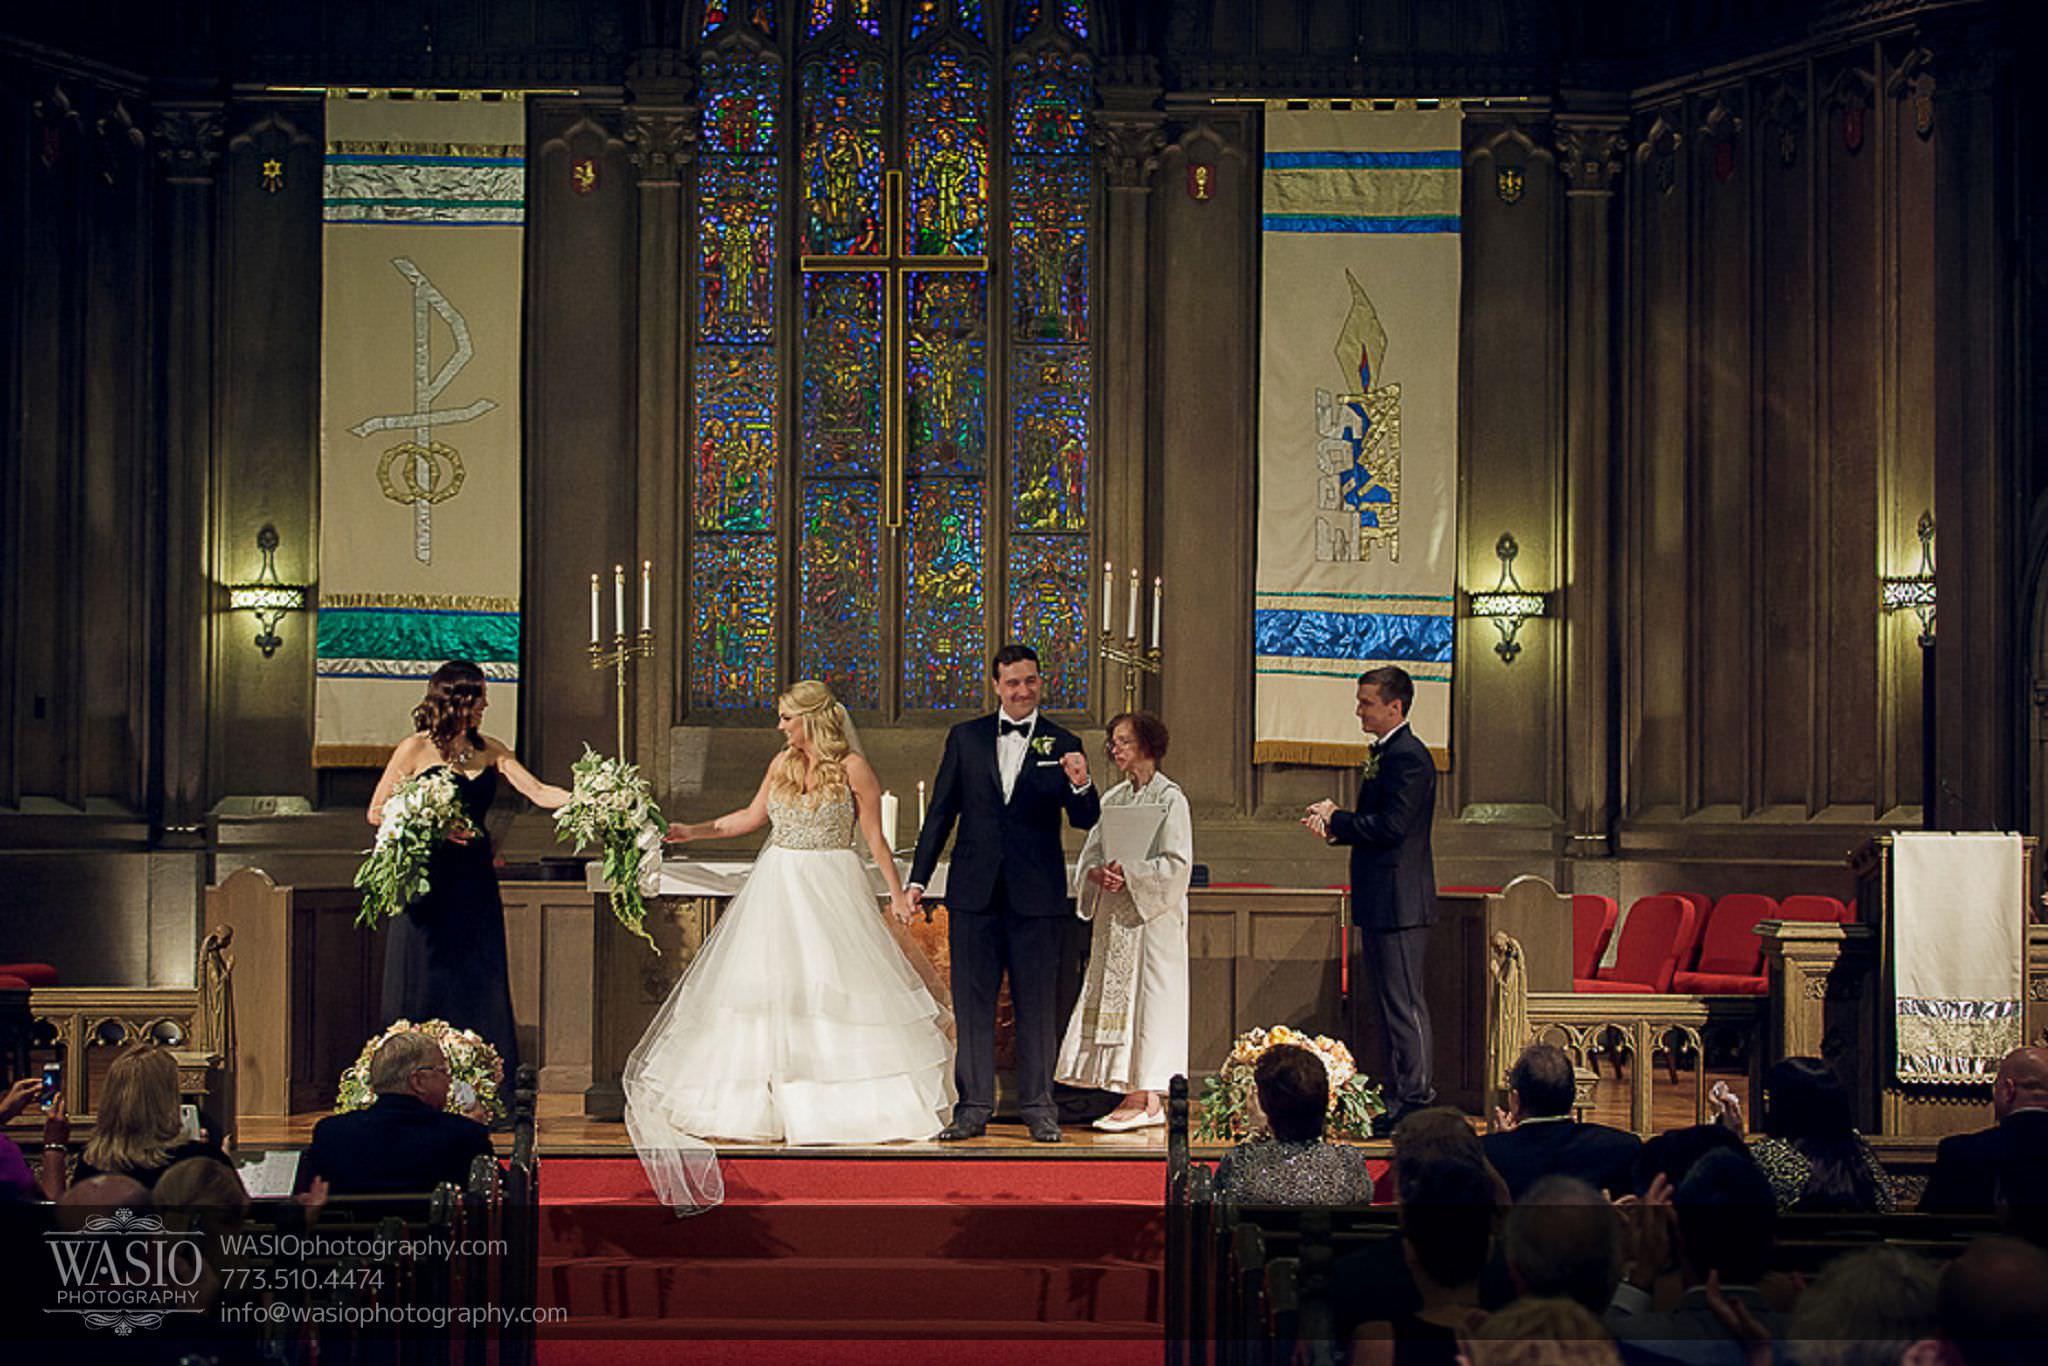 venue-one-chicago-wedding-happy-bride-groom-First-Methodist-Church-59 Venue One Chicago Wedding - Katie + Mike